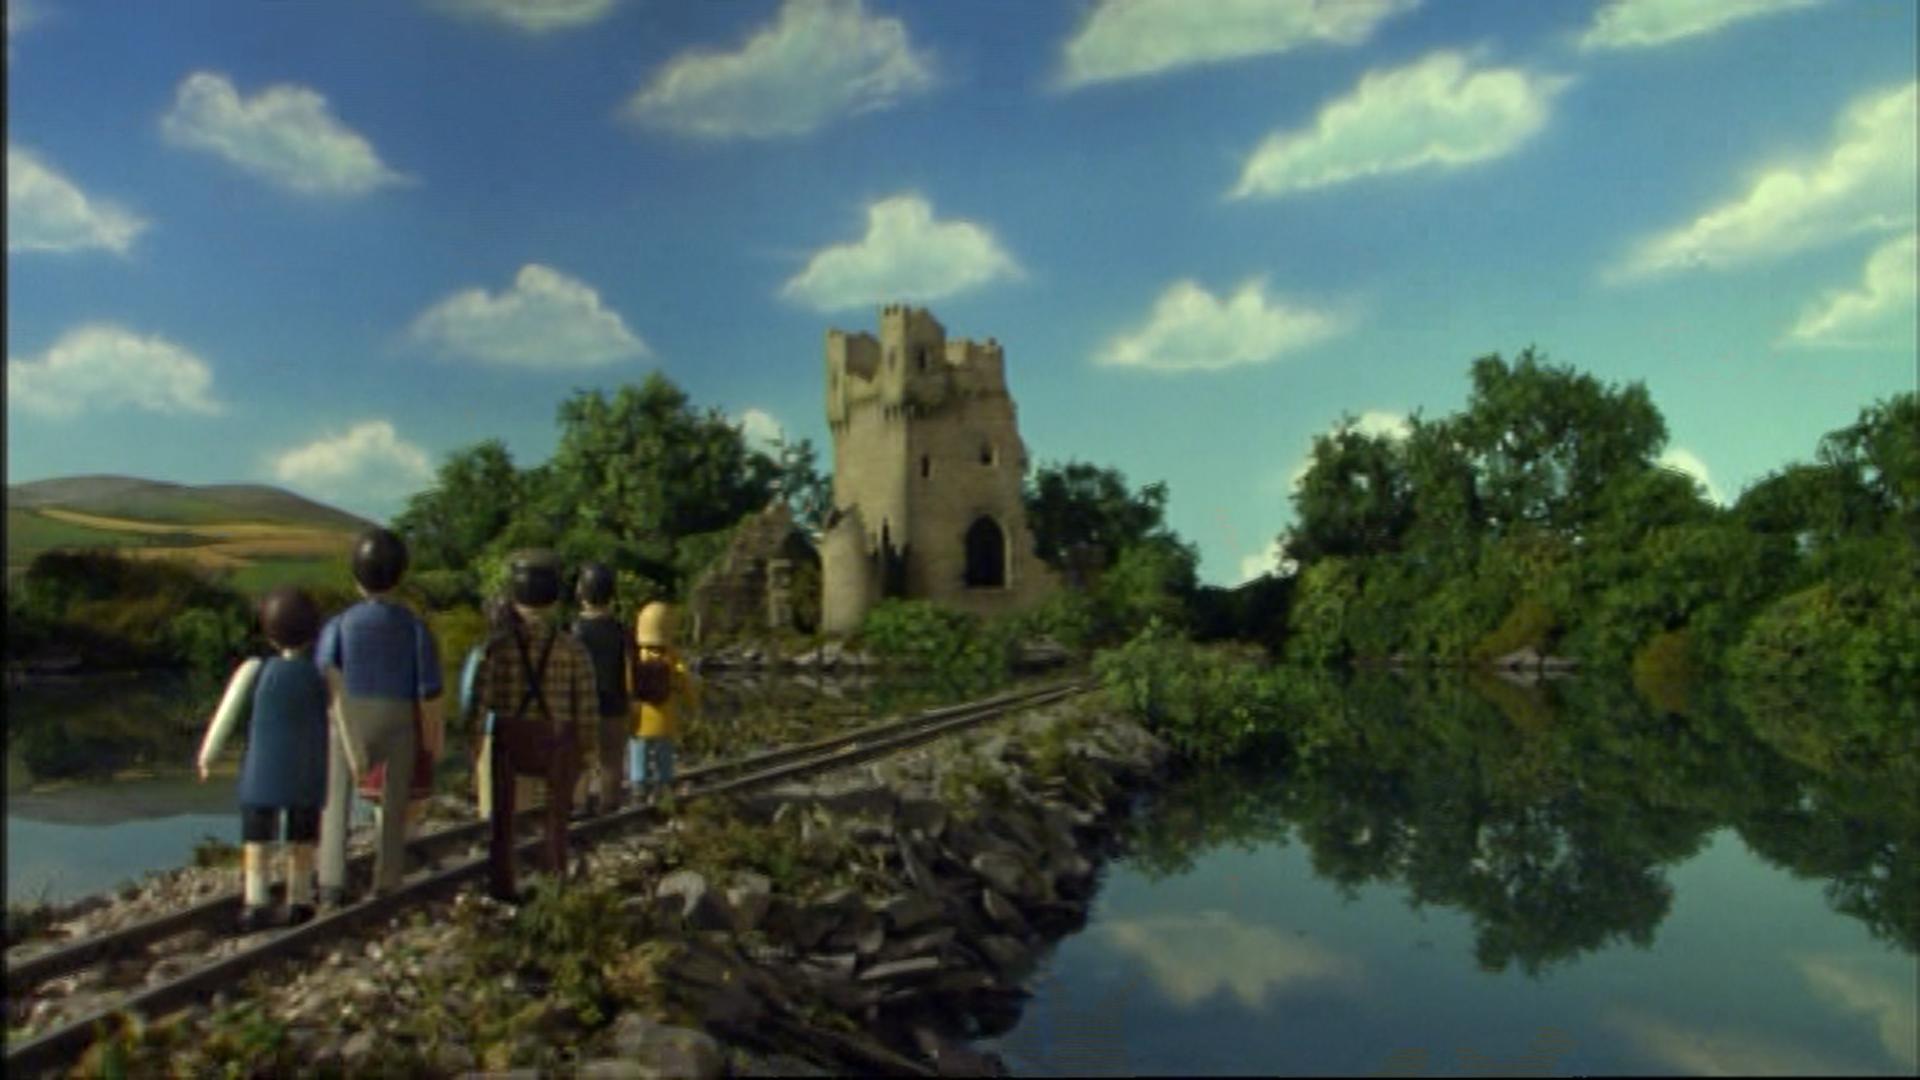 Hawin Doorey Castle